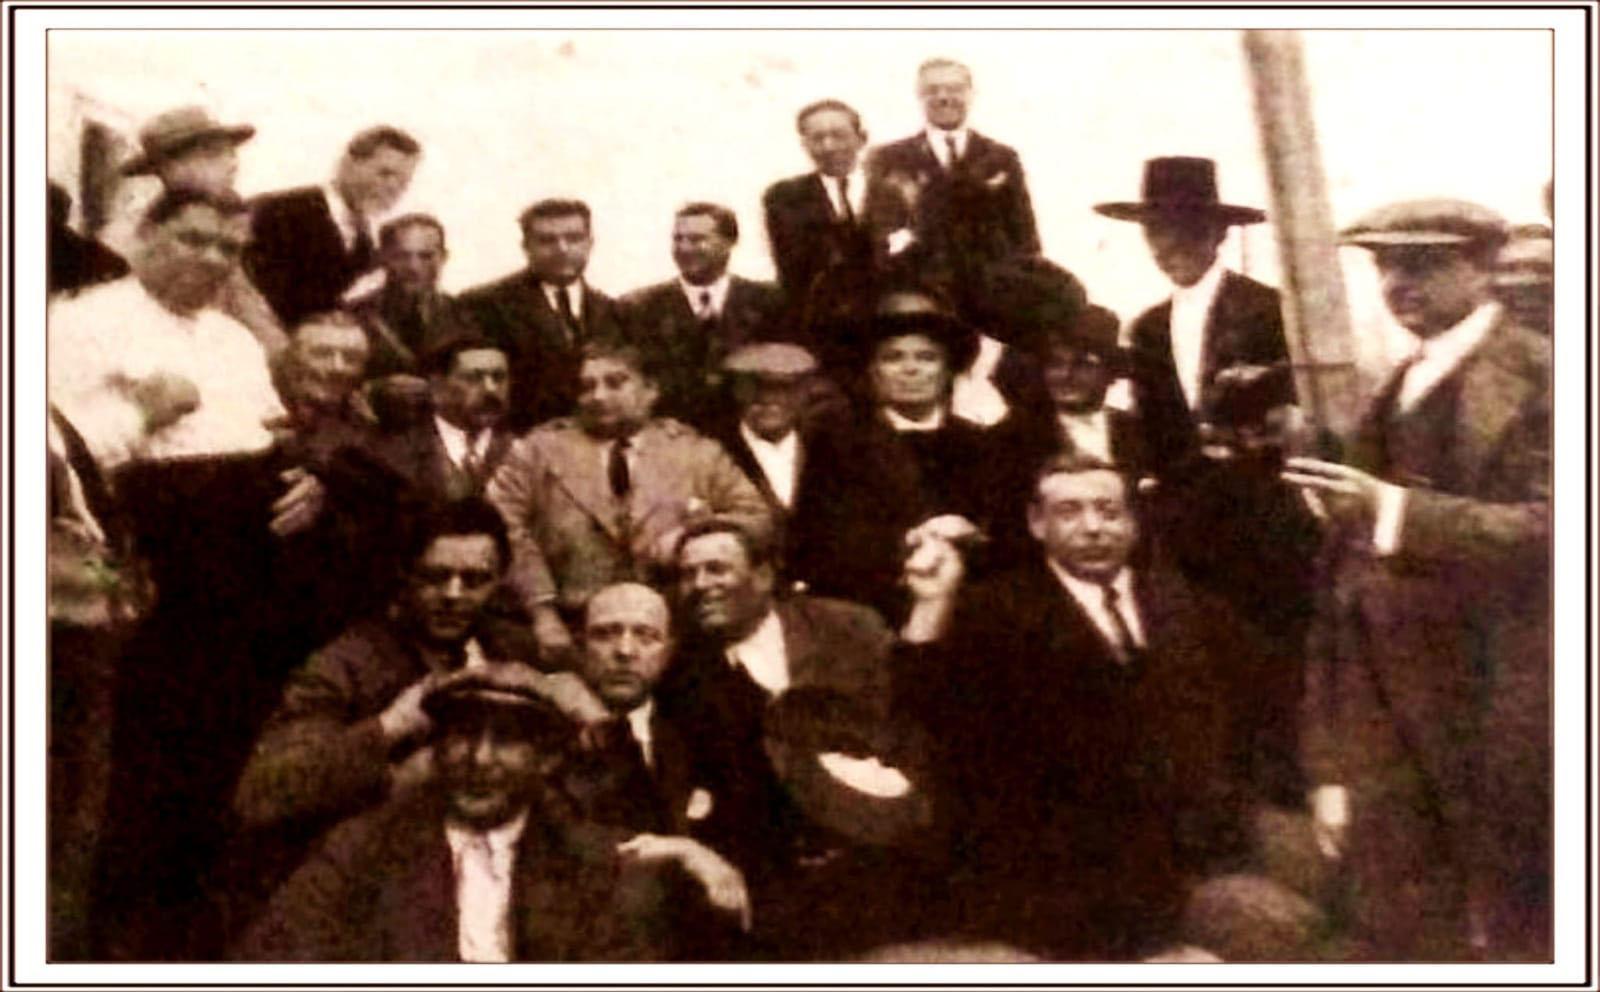 Imagen de aficionados flamencos en Jerez, años 20. A la derecha, con sombrero de ala ancha, Carapiera, sobrino de Joaquín Lacherna. Archivo Antonio El Platero.